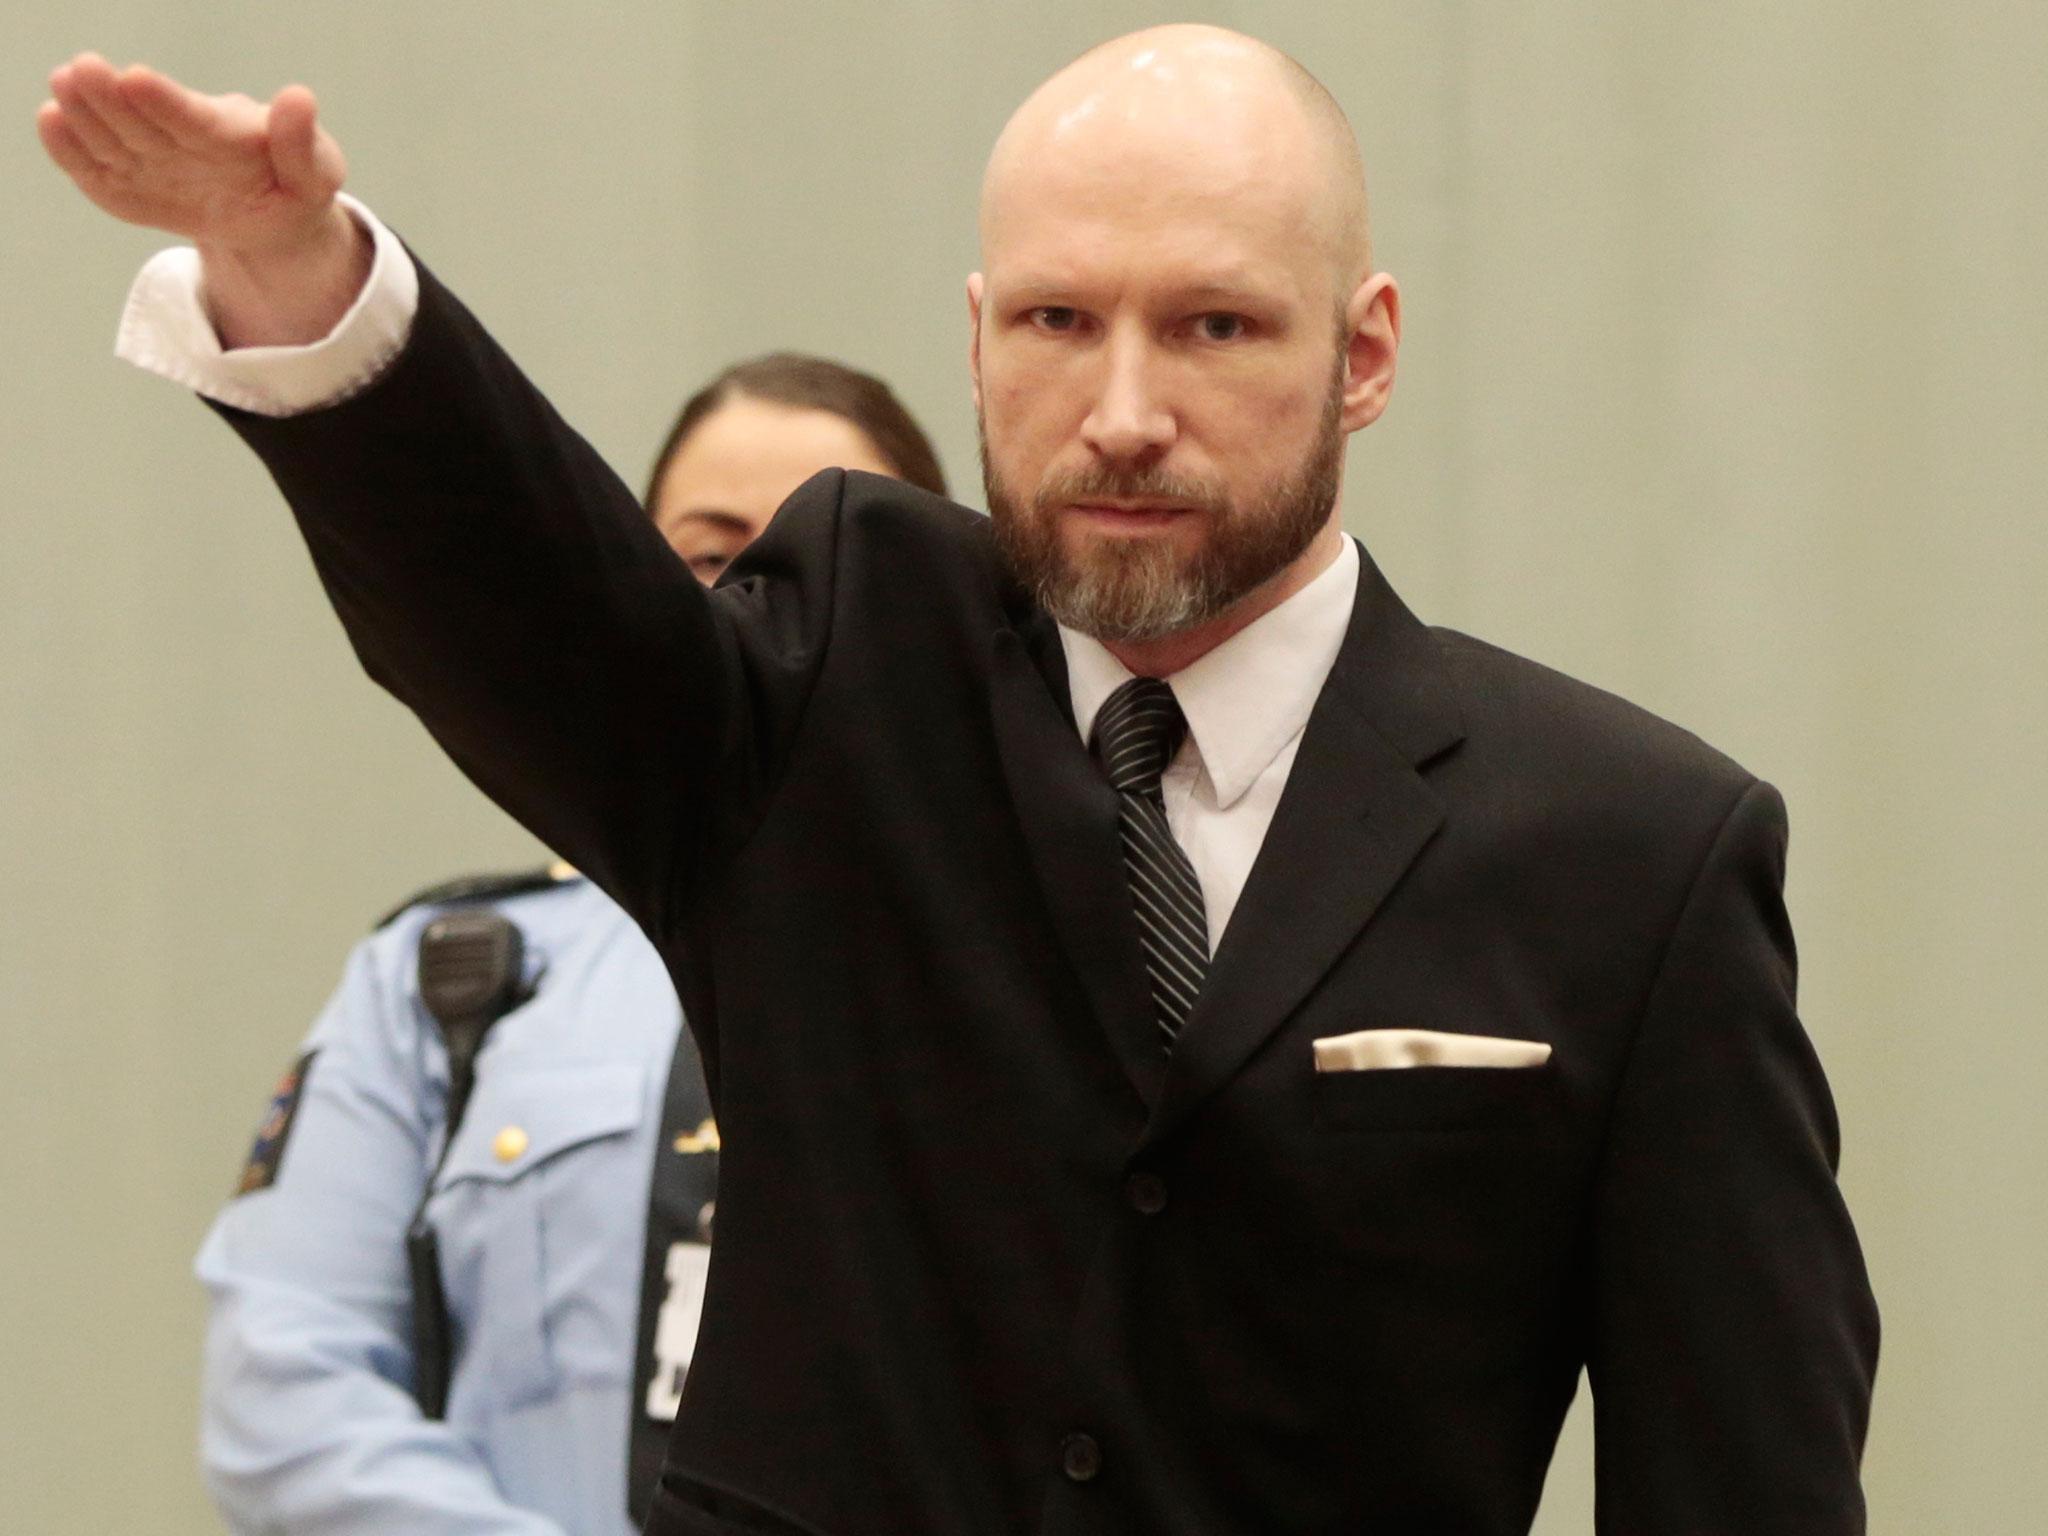 Atriði úr Netflix-mynd um hryðjuverk Anders Breivik tekin upp á Siglufirði